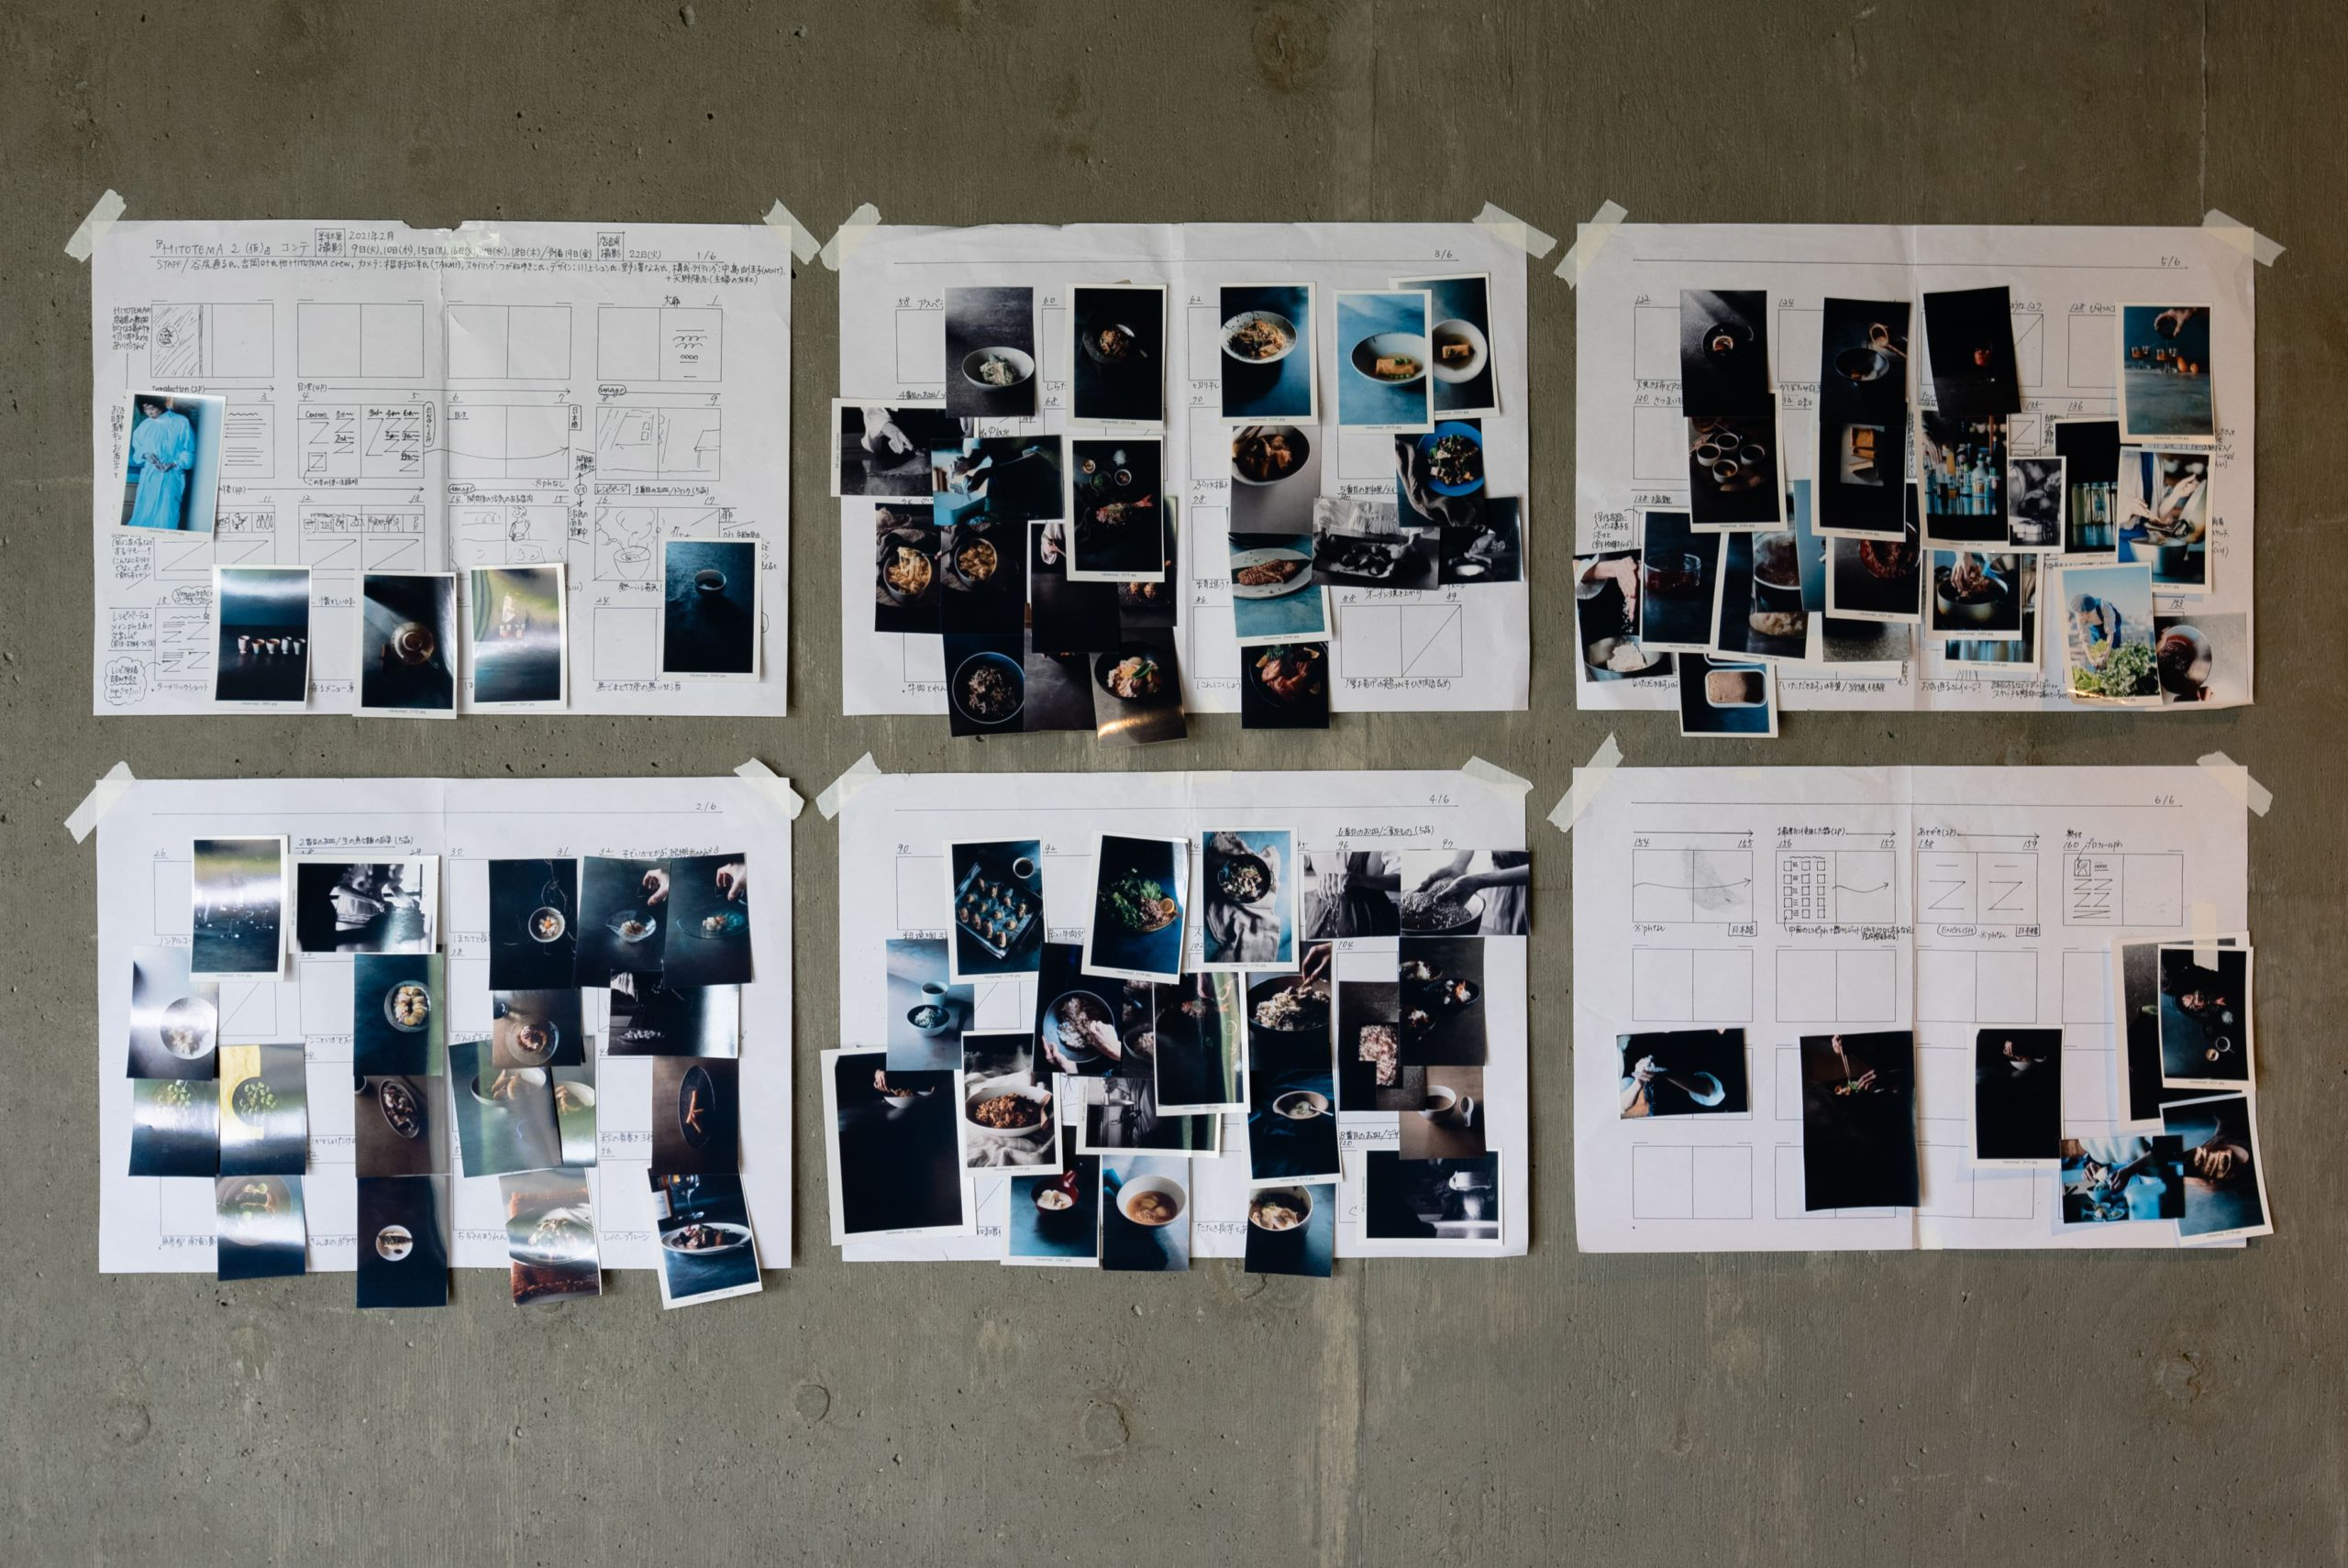 制作中は、台割を壁に貼って、写真や構成を自ら確認。細部まで入念にチェックした。